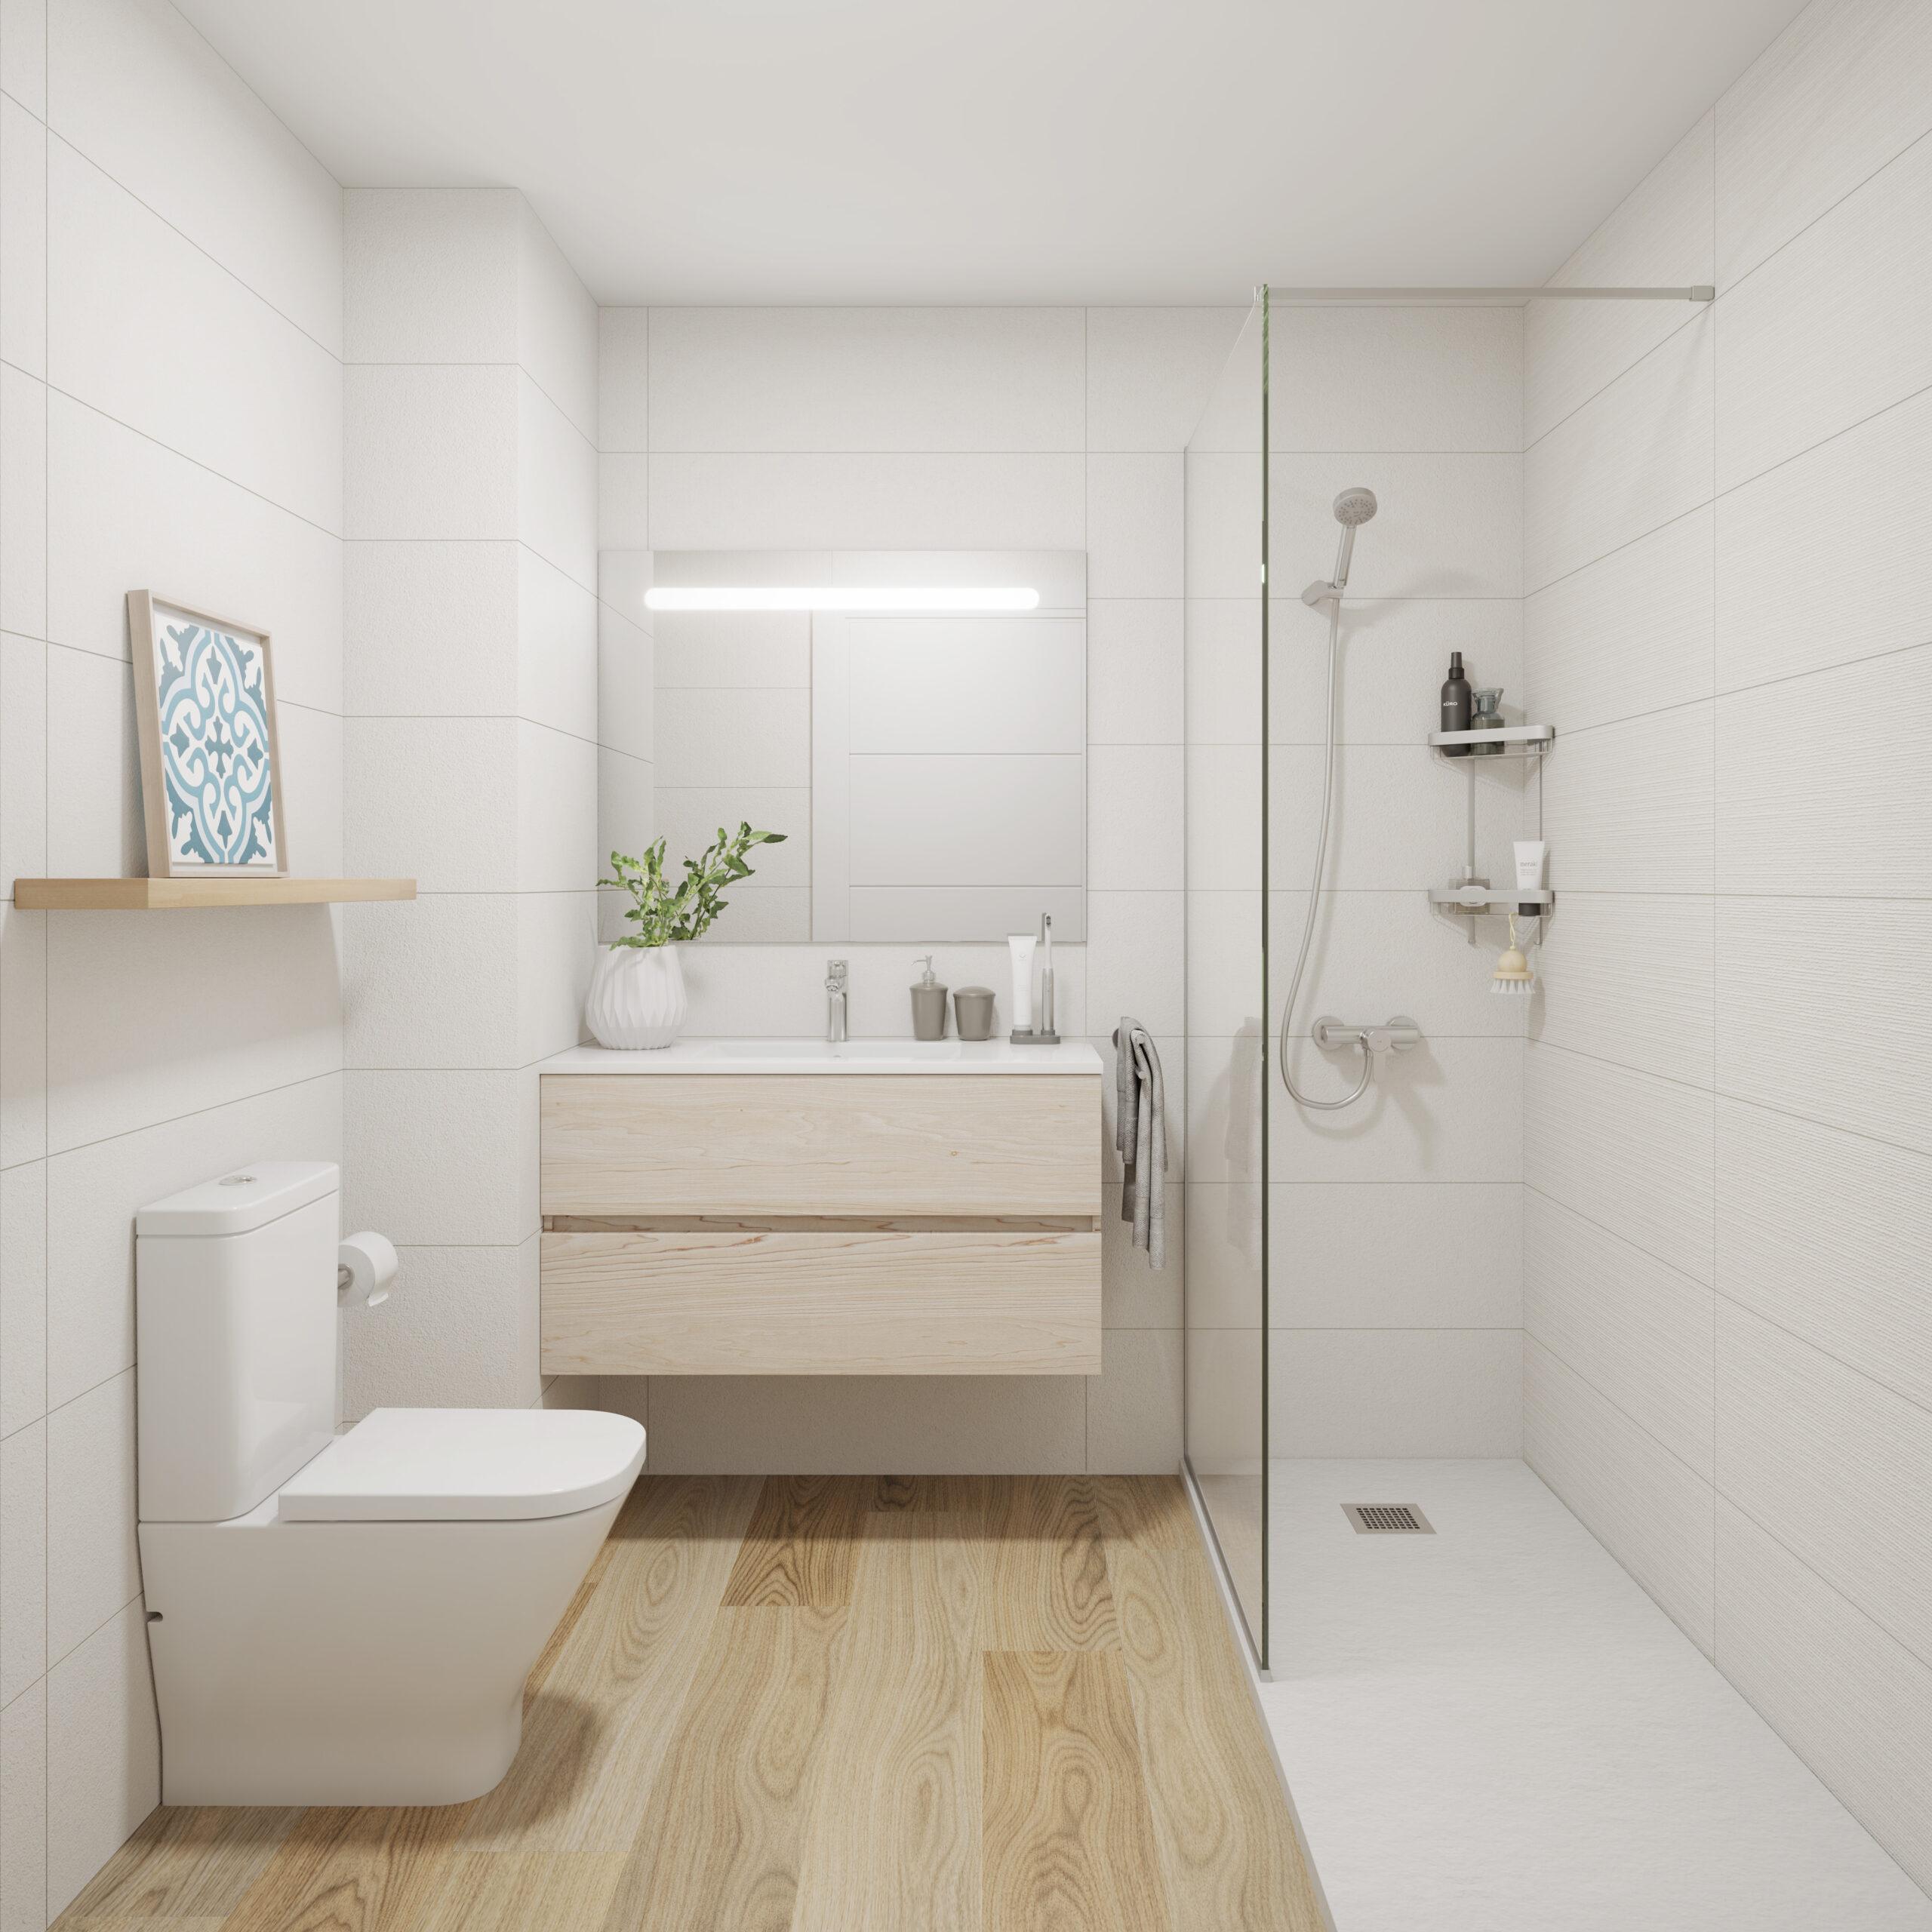 Cerámica blanca, mueble de baño natural